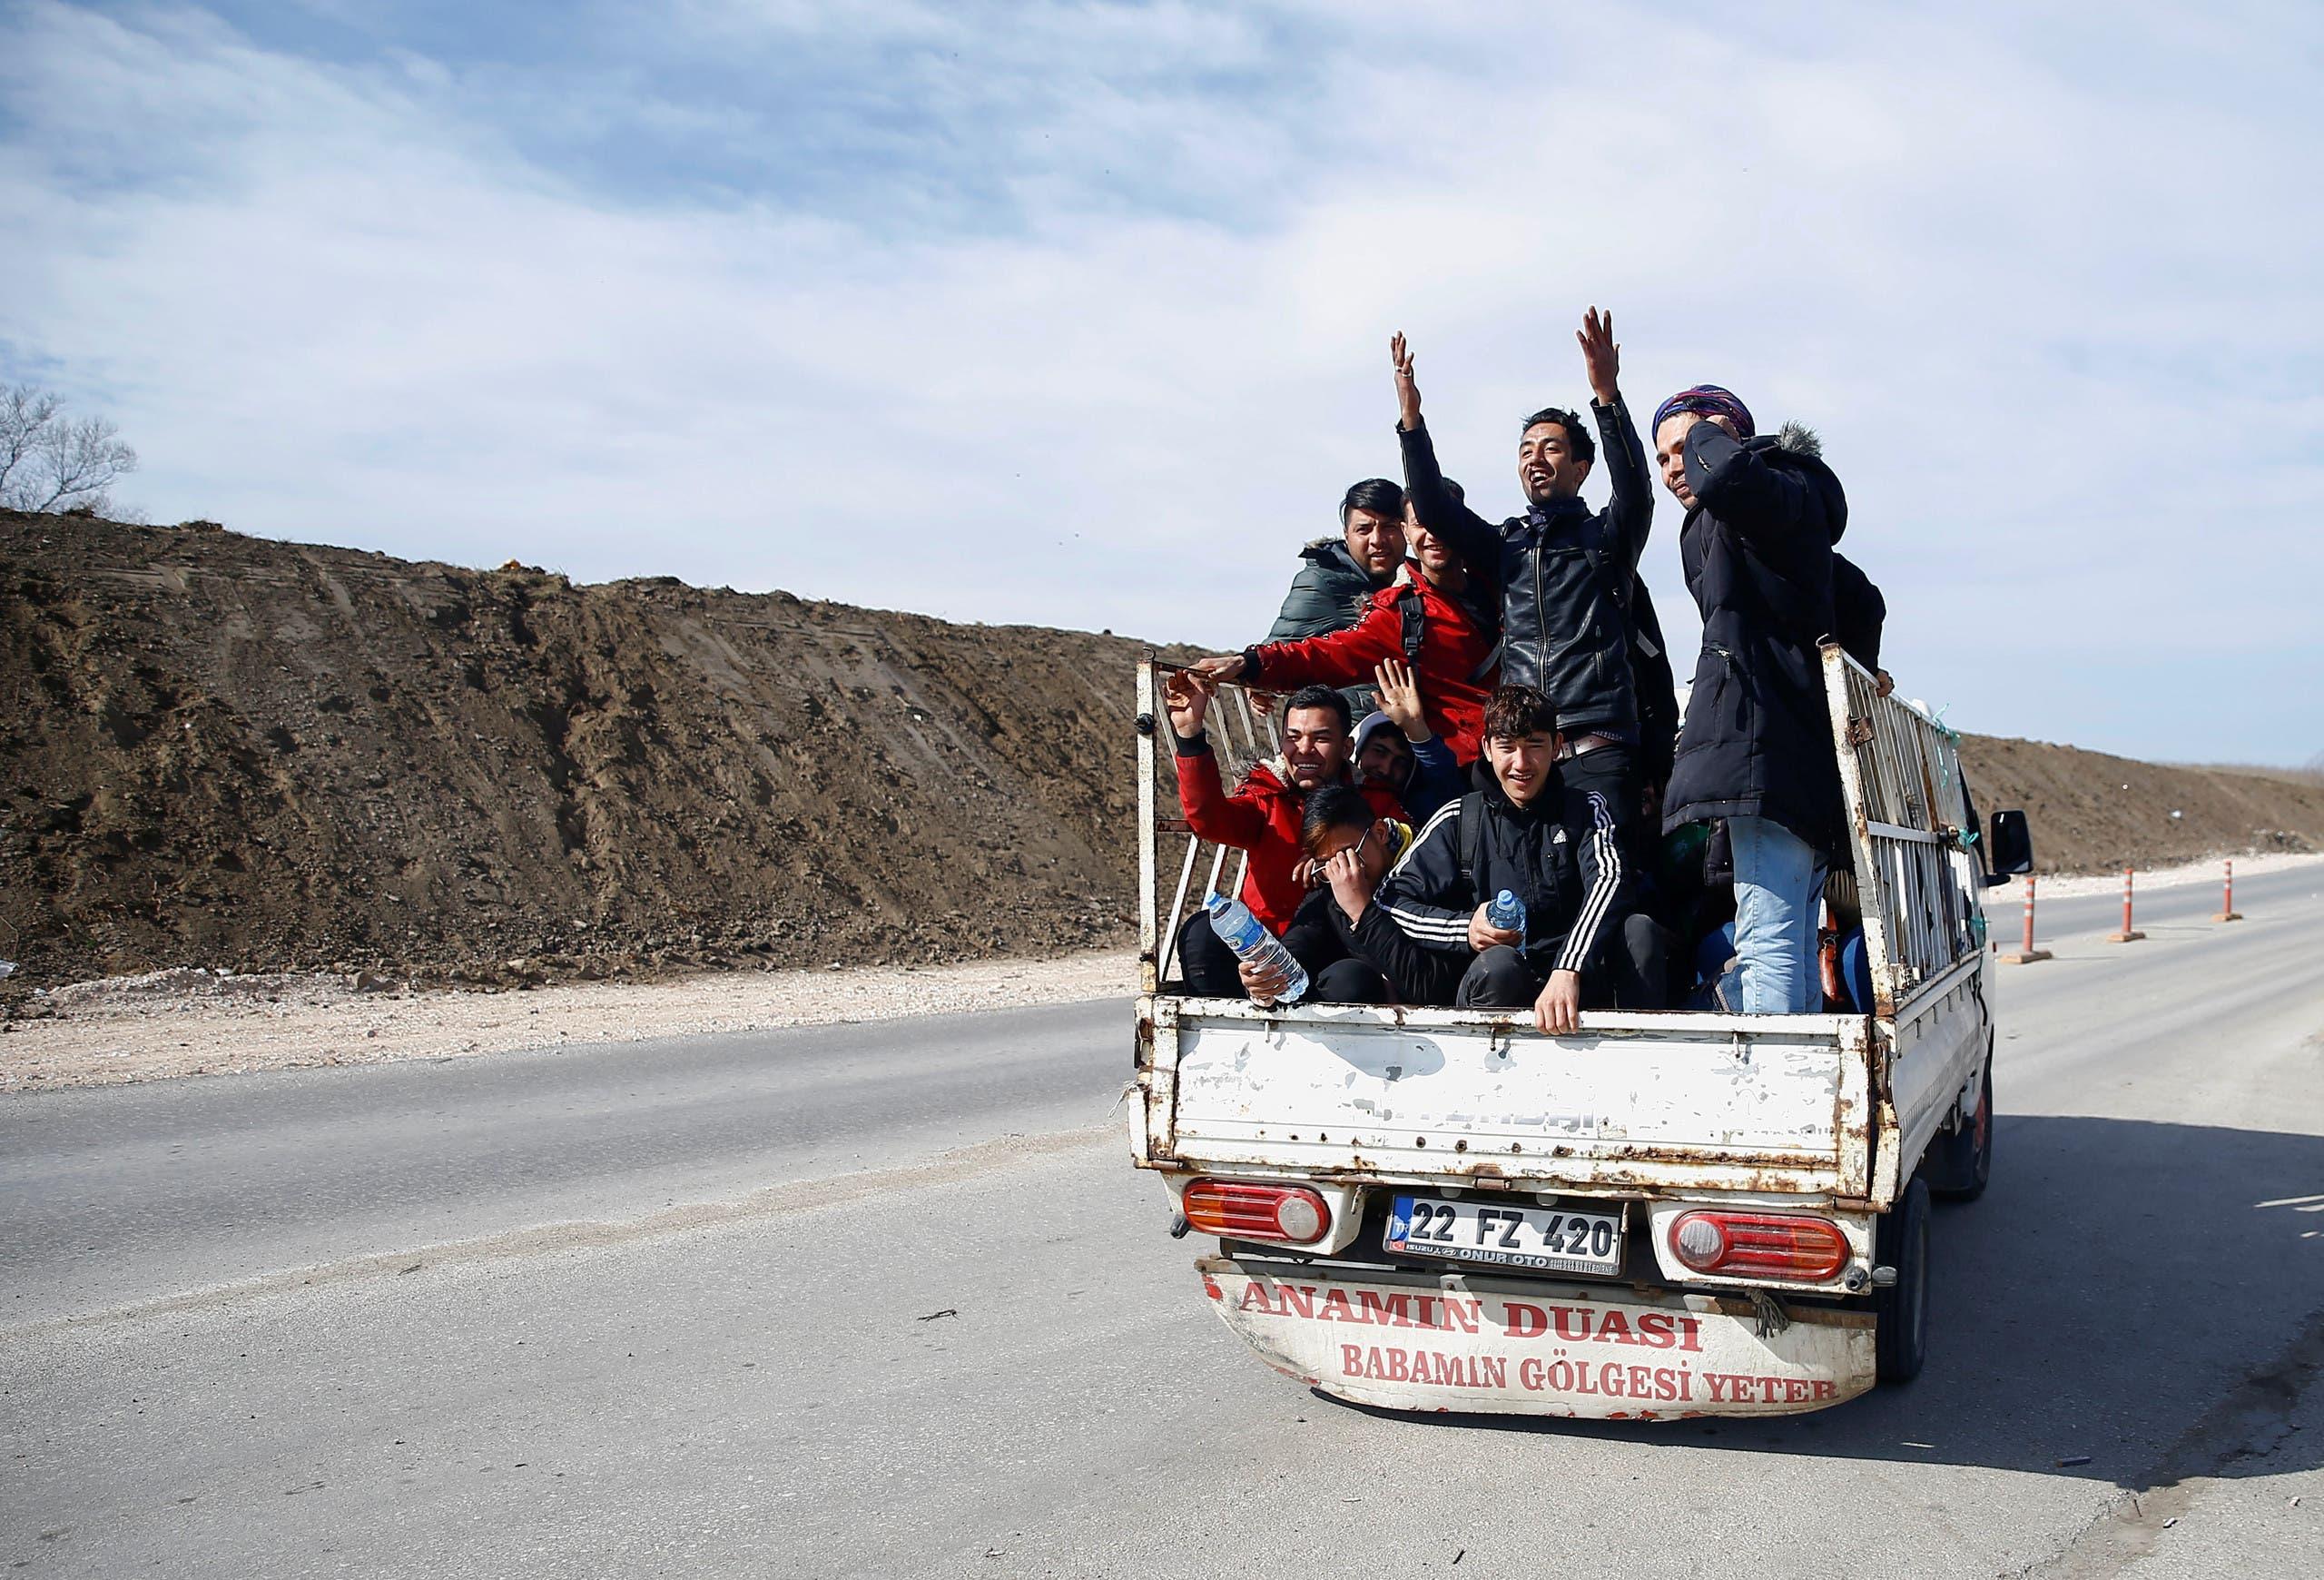 قافلة مهاجرين في منطقة الحدود التركية اليونانية